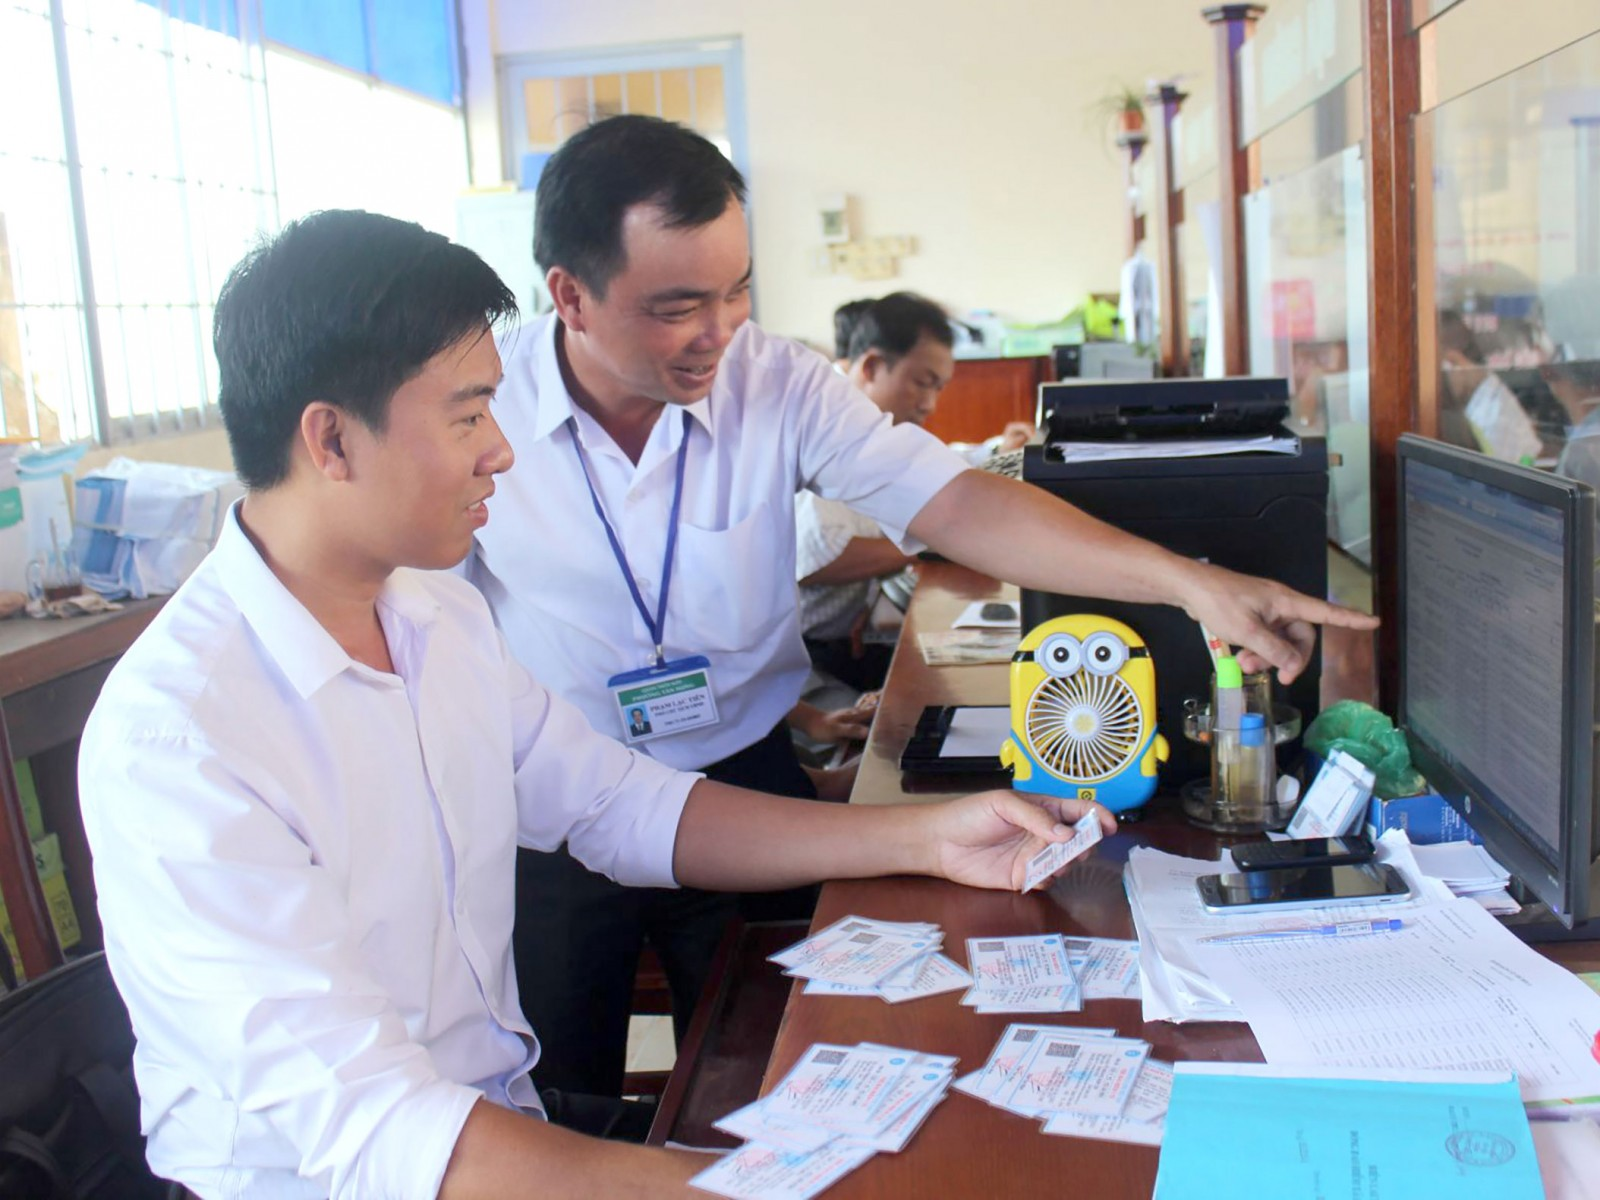 Nhờ áp dụng các mô hình sáng kiến trong CCHC, góp phần nâng cao chất lượng, hiệu quả công tác quản lý nhà nước tại phường Tân Hưng, quận Thốt Nốt. Ảnh: QUỲNH LAM